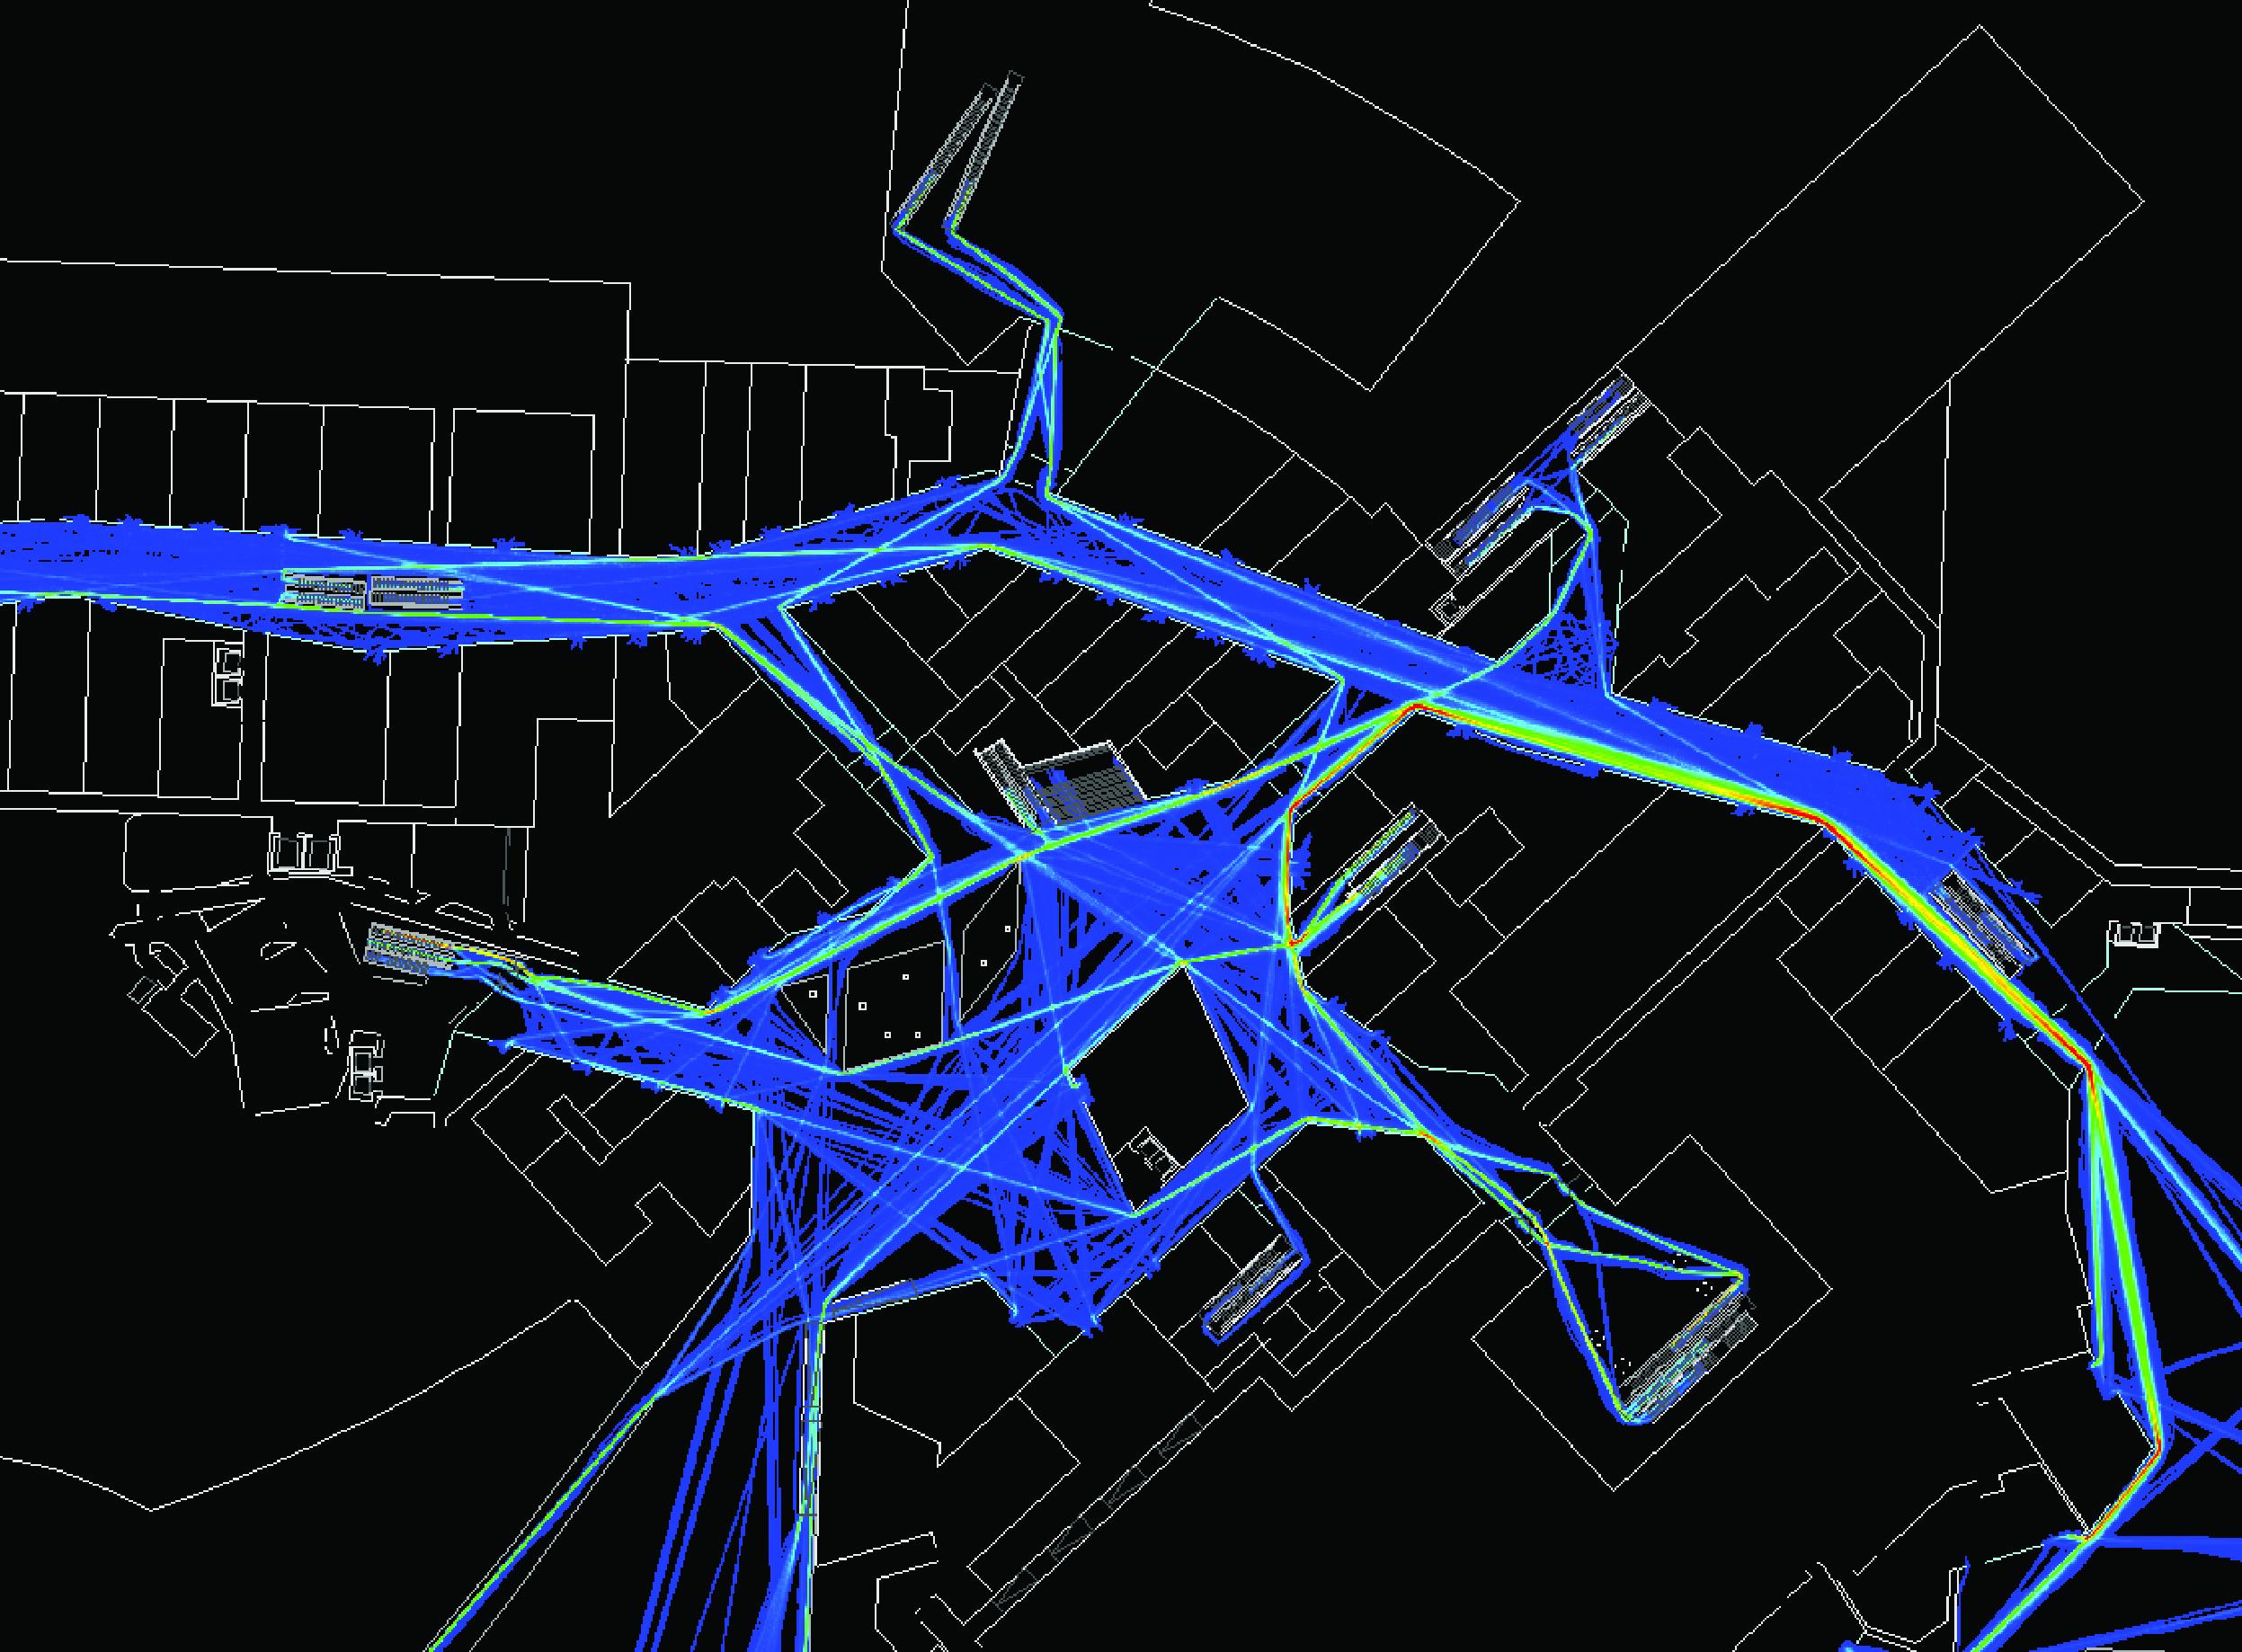 Systematica-CityLife Development-Pedestrian Flow Analysis